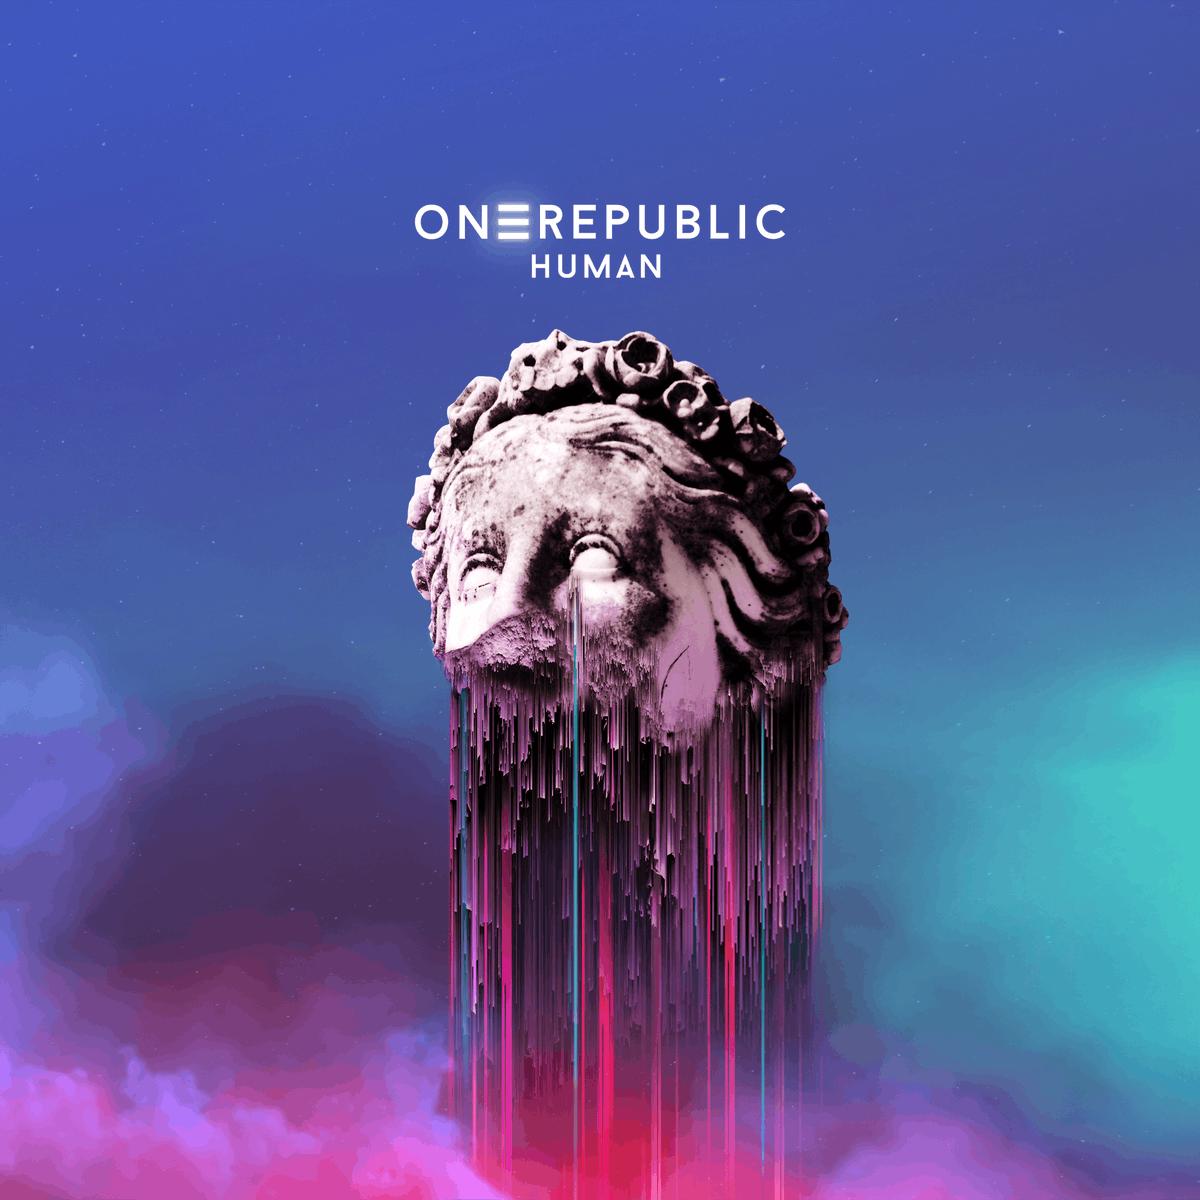 OneRepublic Human album cover